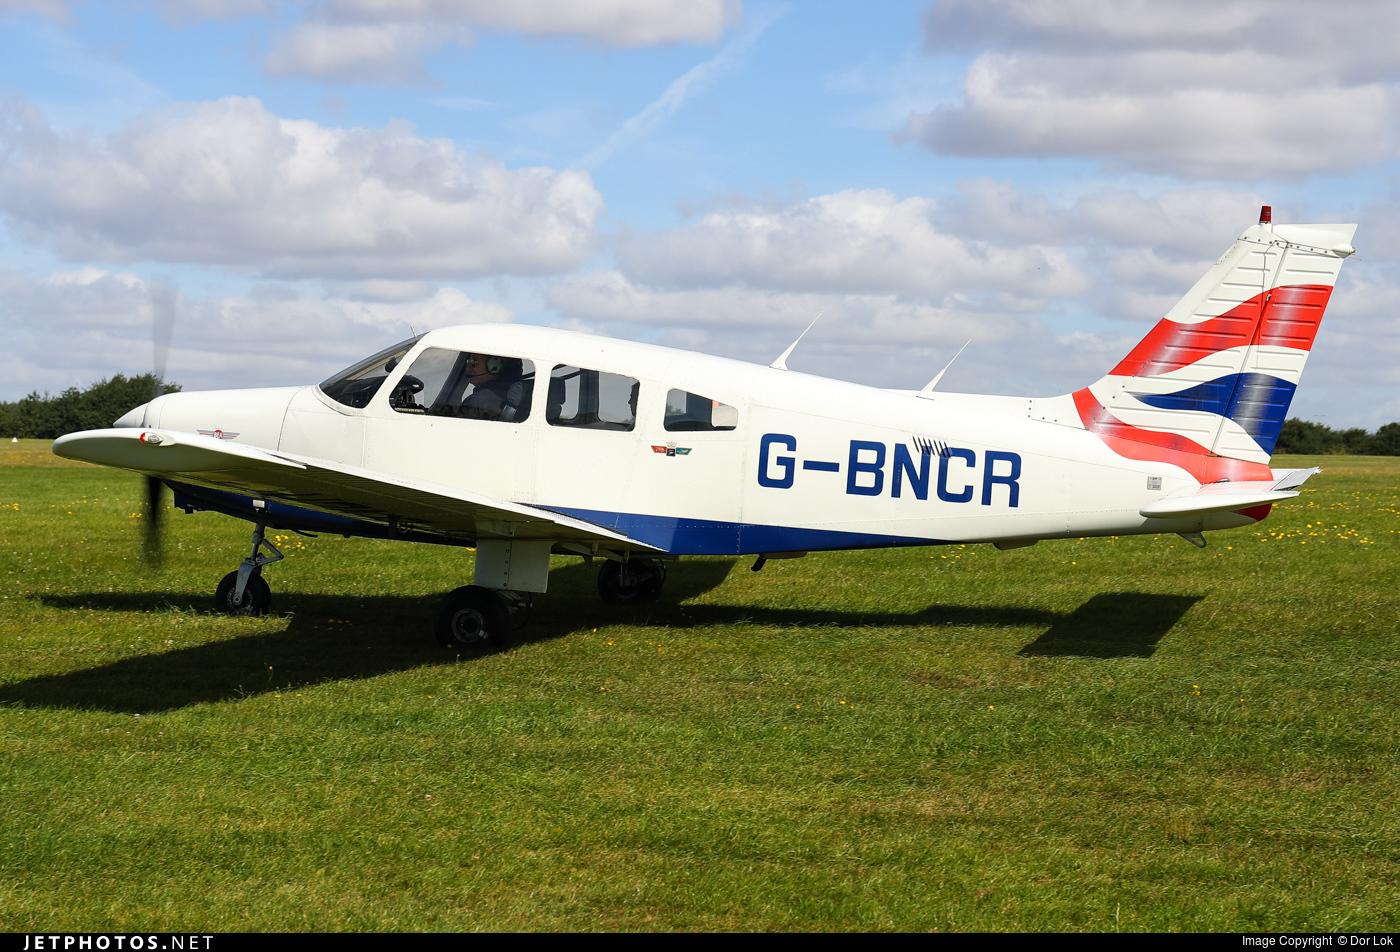 G-BNCR - Piper PA-28-161 Warrior II - British Airways Flying Club